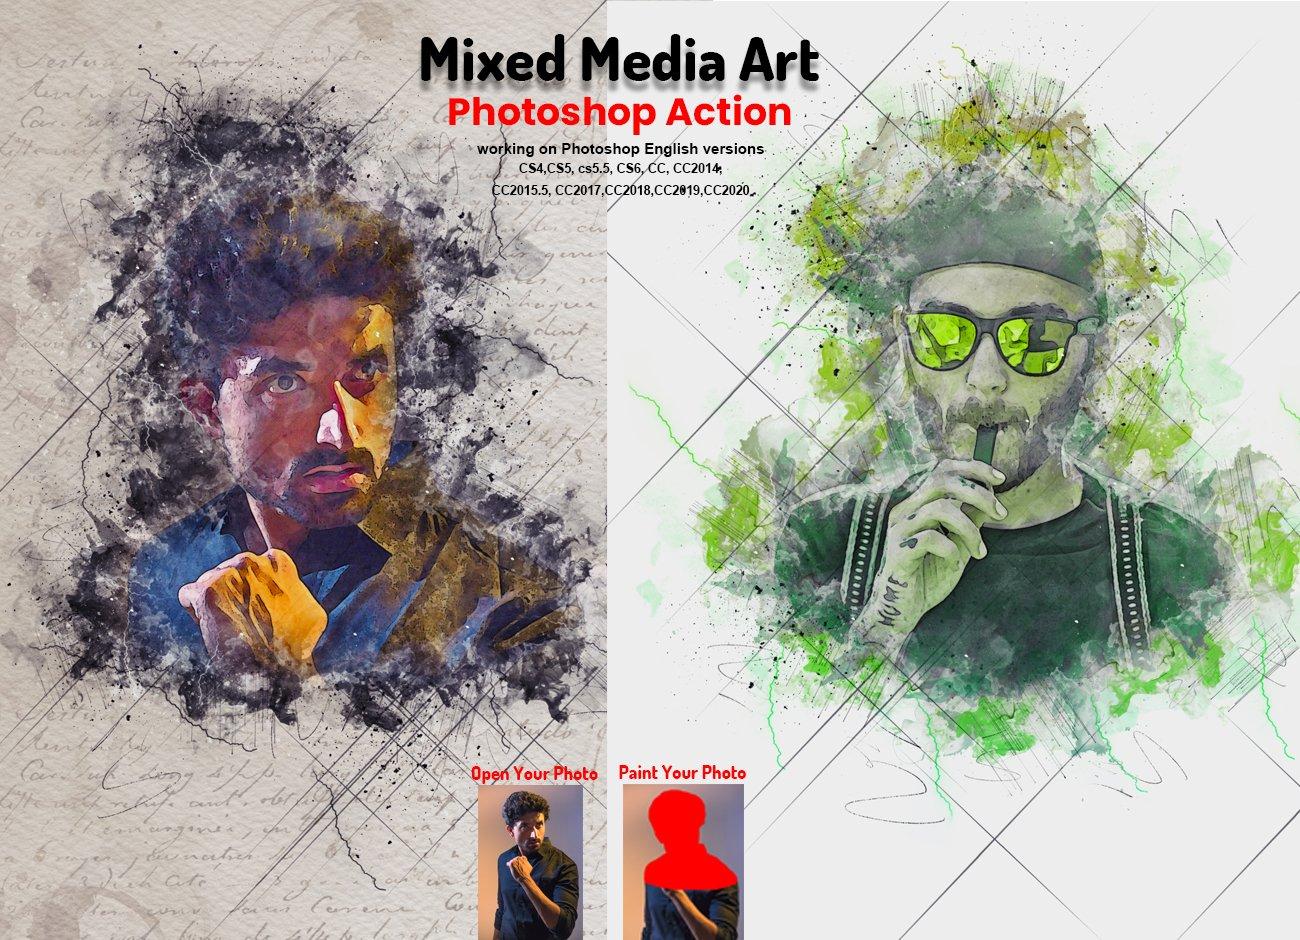 逼真水彩混合艺术效果照片处理滤镜PS动作模板 Mixed Media Art Photoshop Action插图